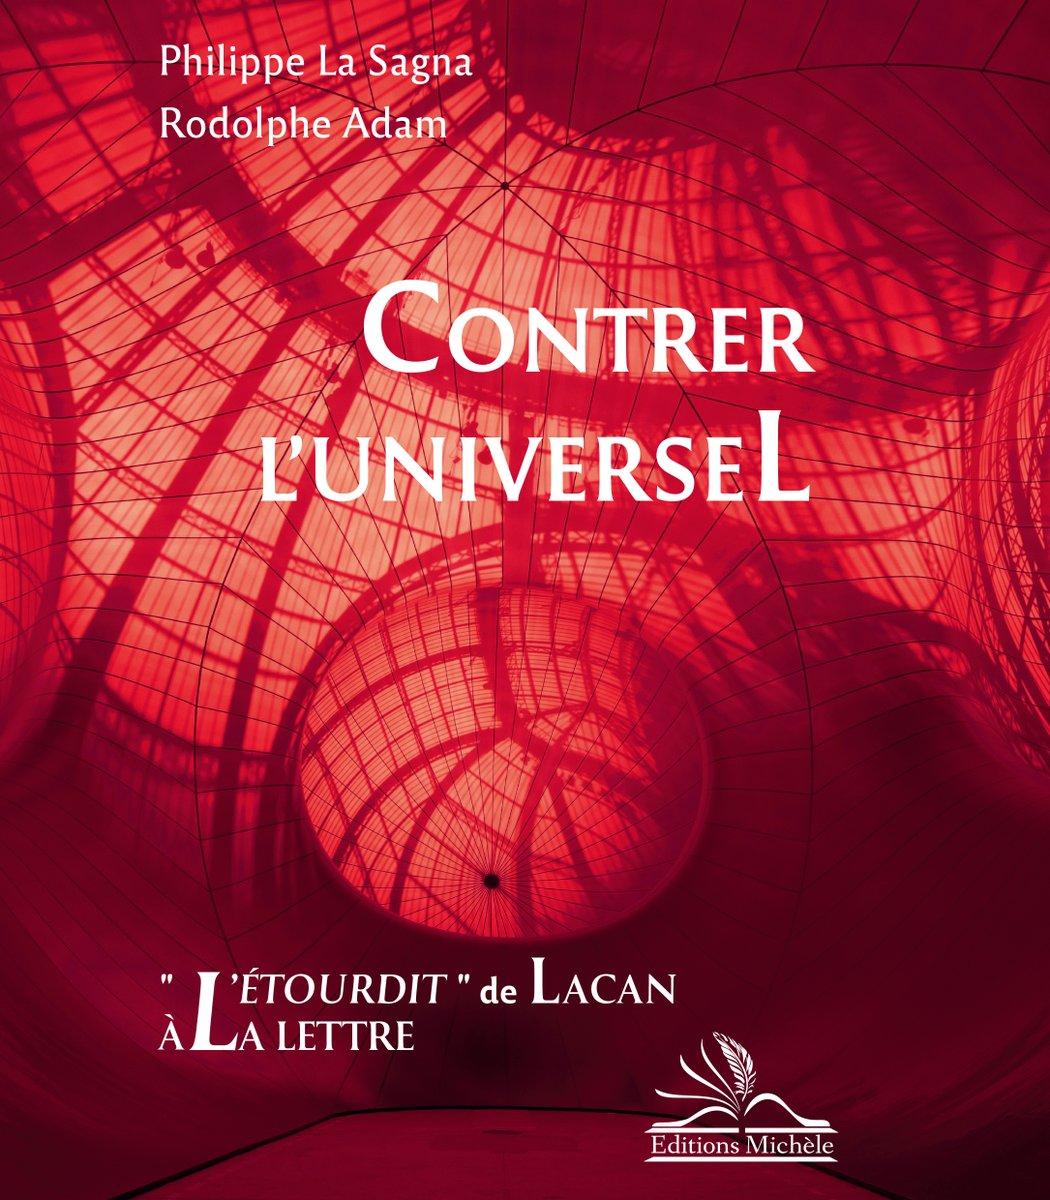 """""""1973:Lacan publie « L'Etourdit »,texte extraordinaire,(...) condensé maximum des avancées(...) de sa recherche. Renouvelant l'ambition freudienne, Lacan dialogue avec l'ensemble des savoirs humains. Avec Freud aussi, et avec lui-même.""""    Ph. LA SAGNA et R. ADAM  Paraît le 24/09 https://t.co/tfp6DZTUgW"""